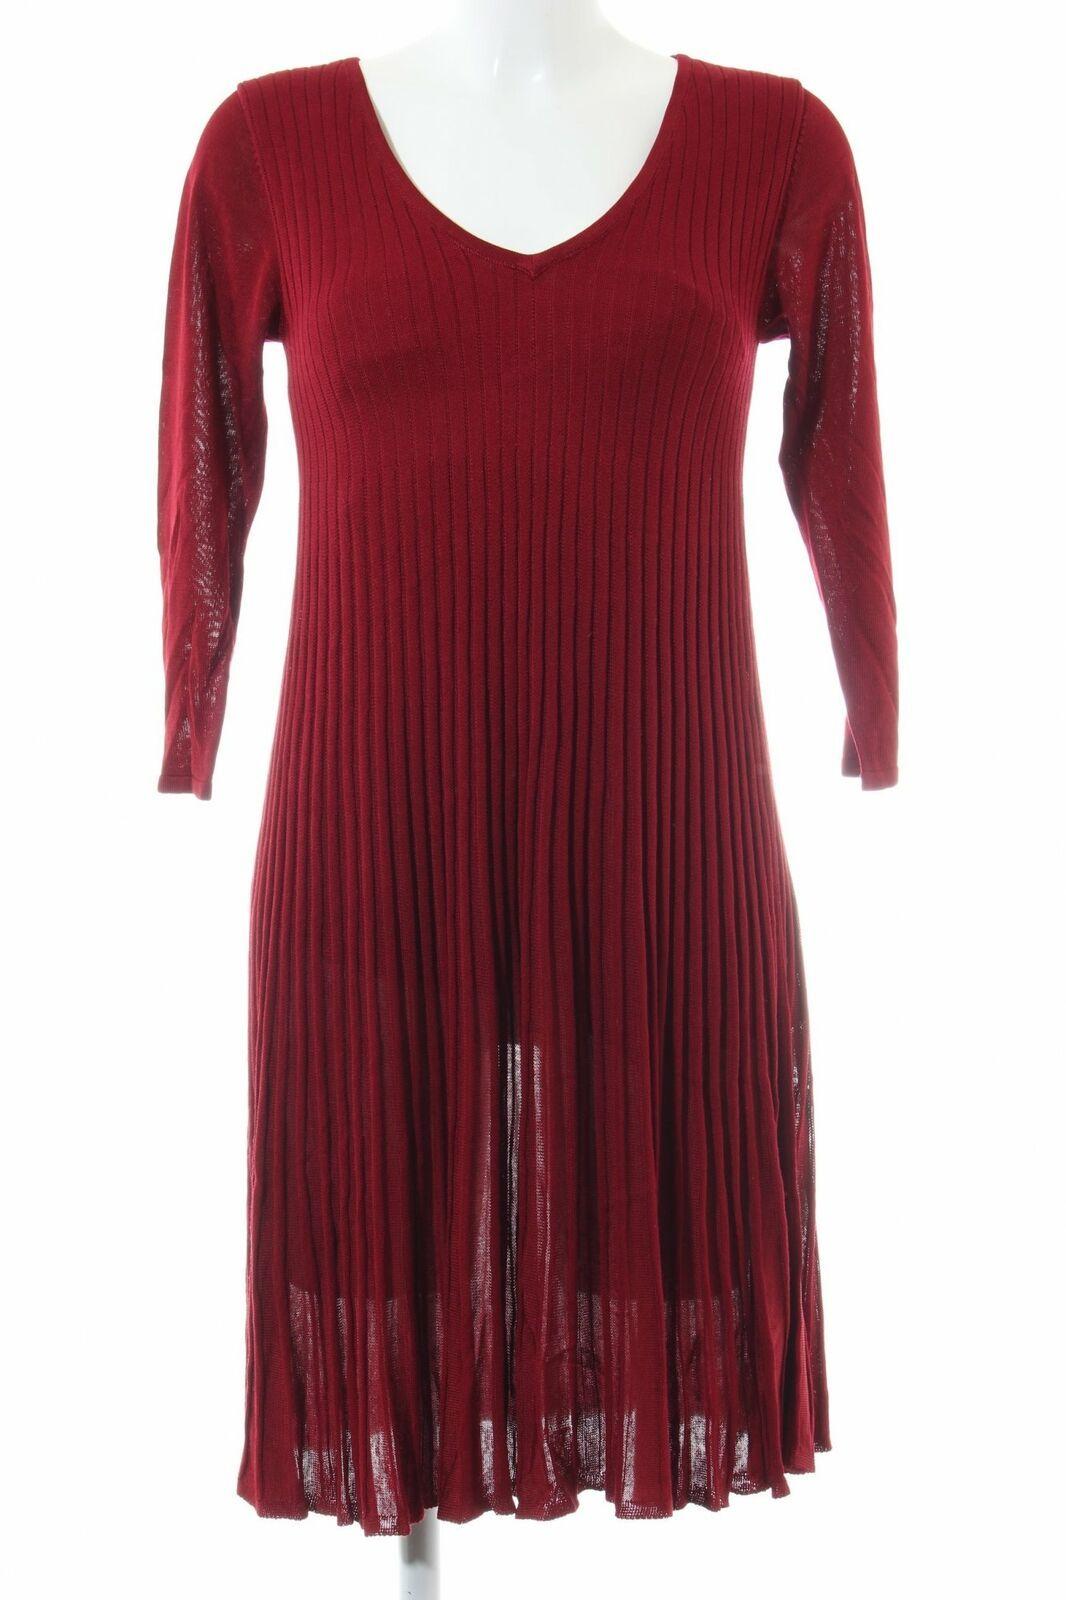 MONSOON Strickkleid rot Casual-Look Damen Gr. DE 19 Kleid Dress